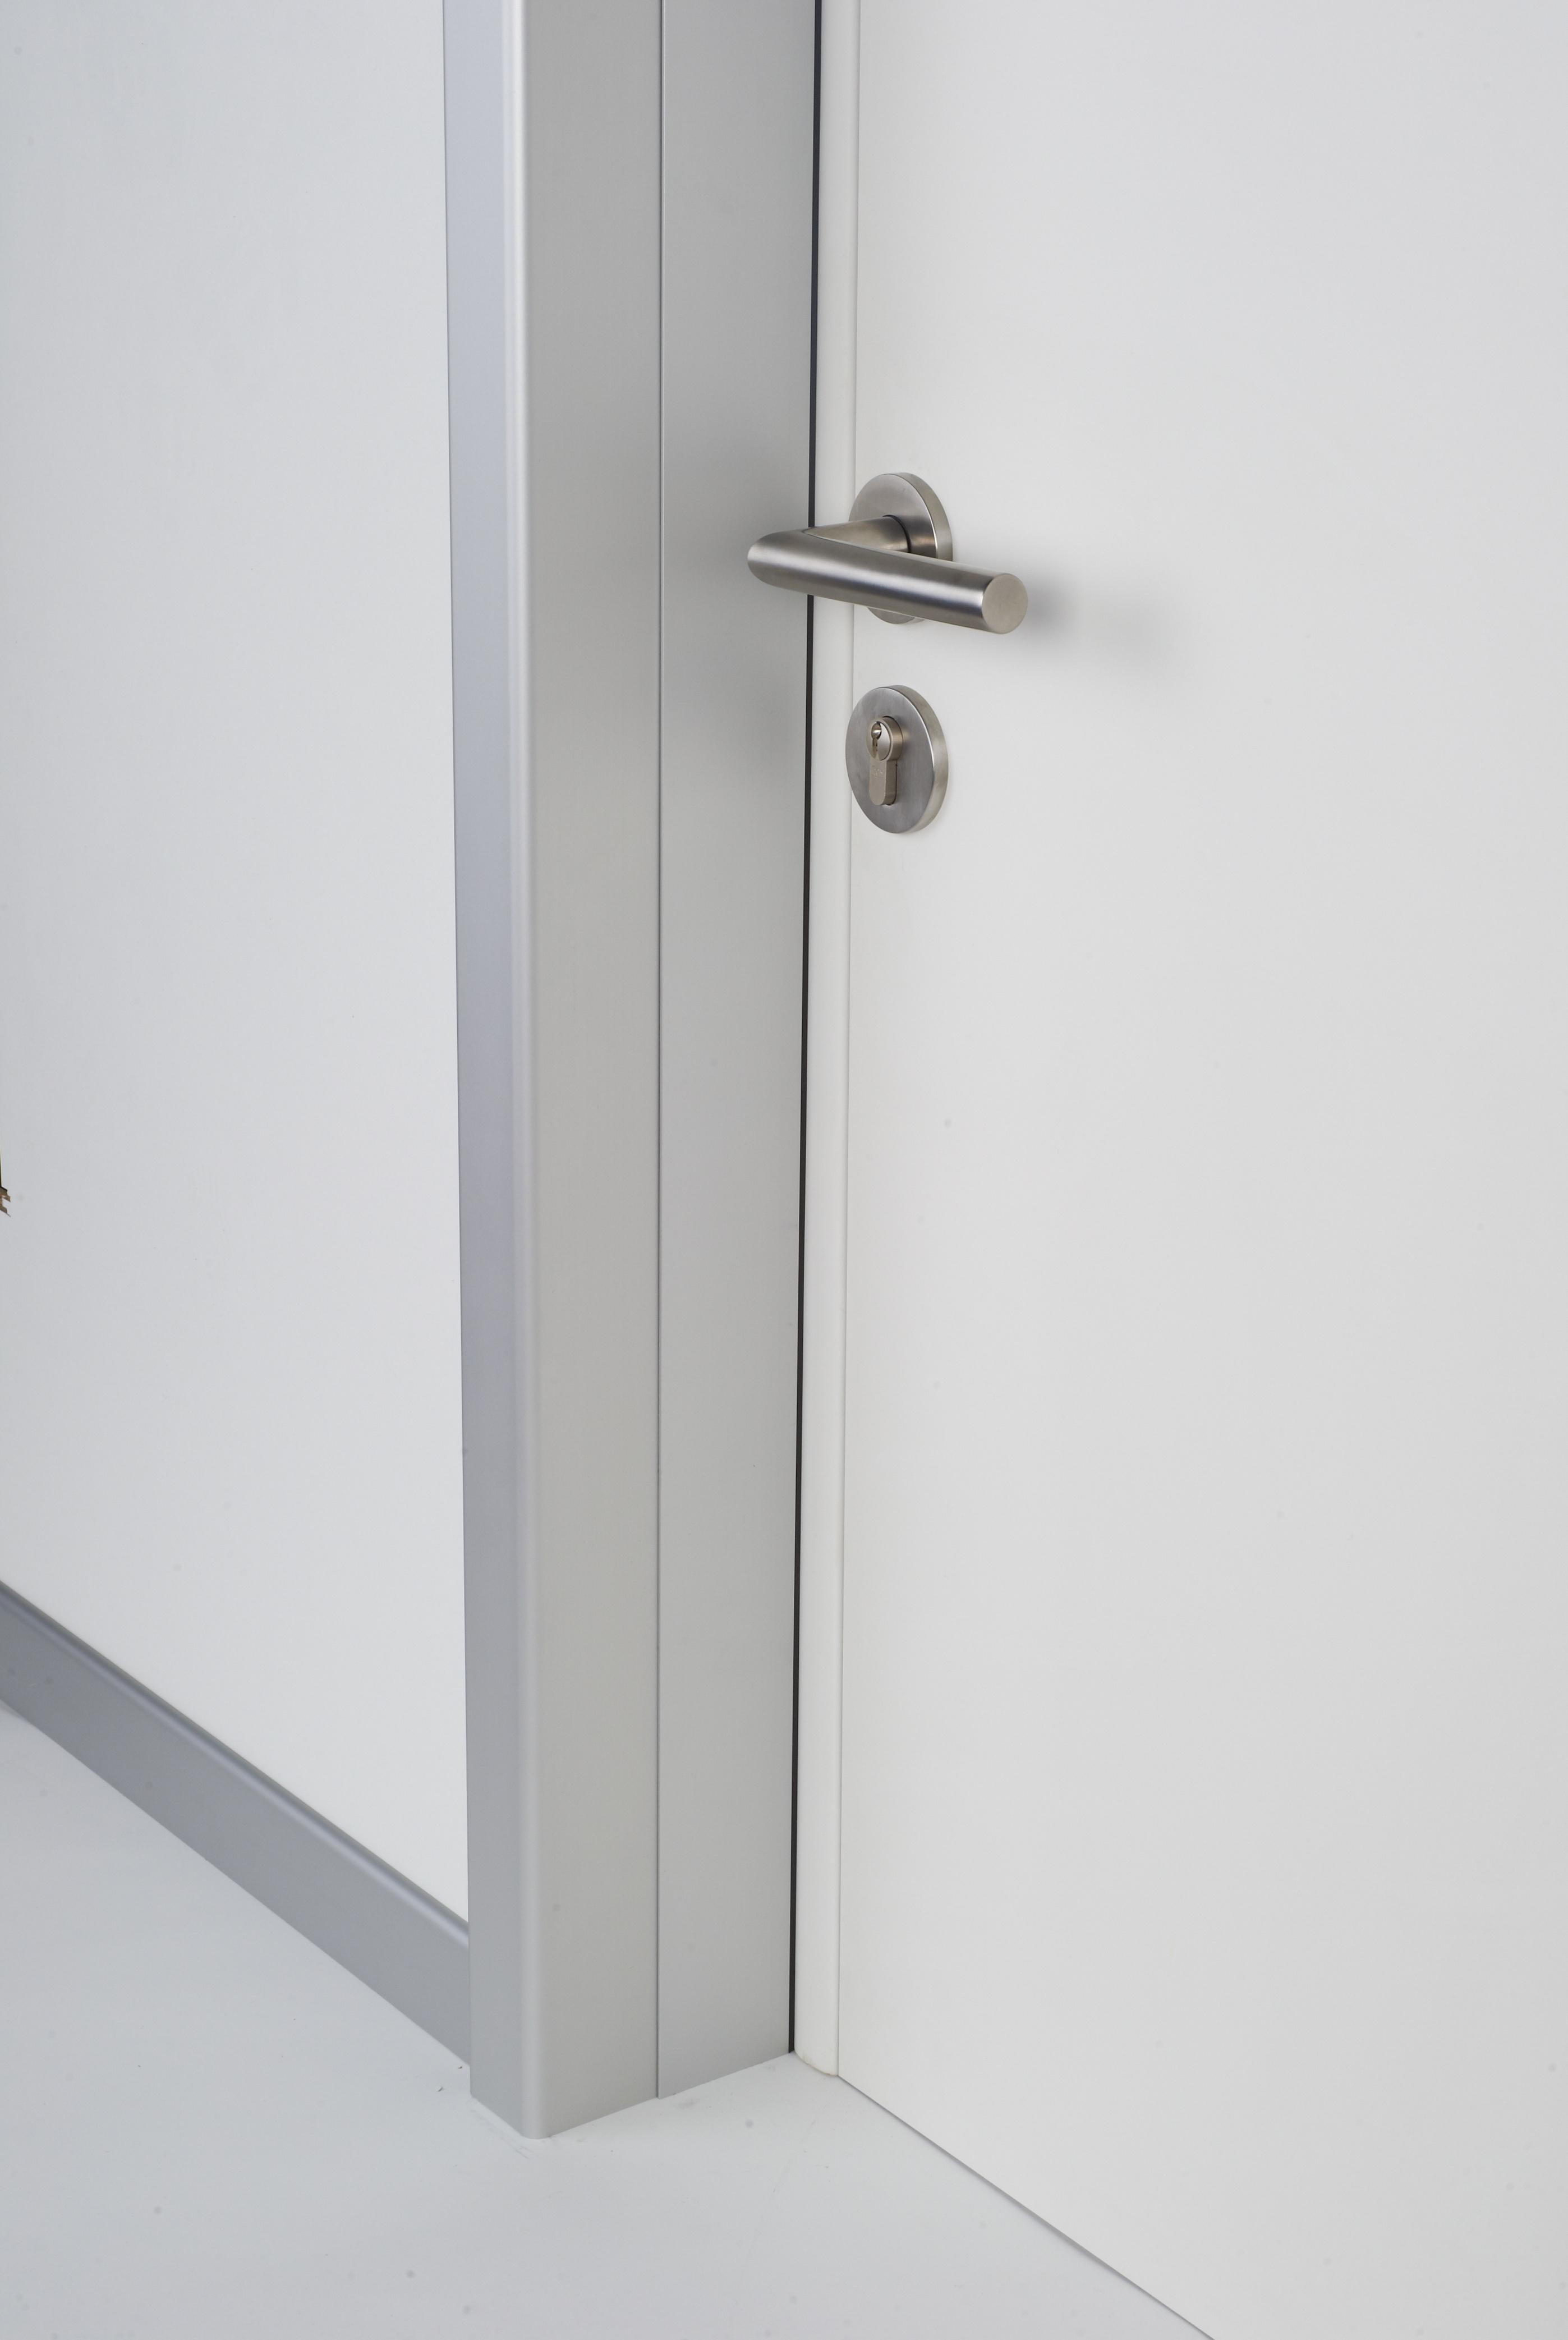 Fingerschutztüren für Kindertagesstätten - Küffner Aluzargen